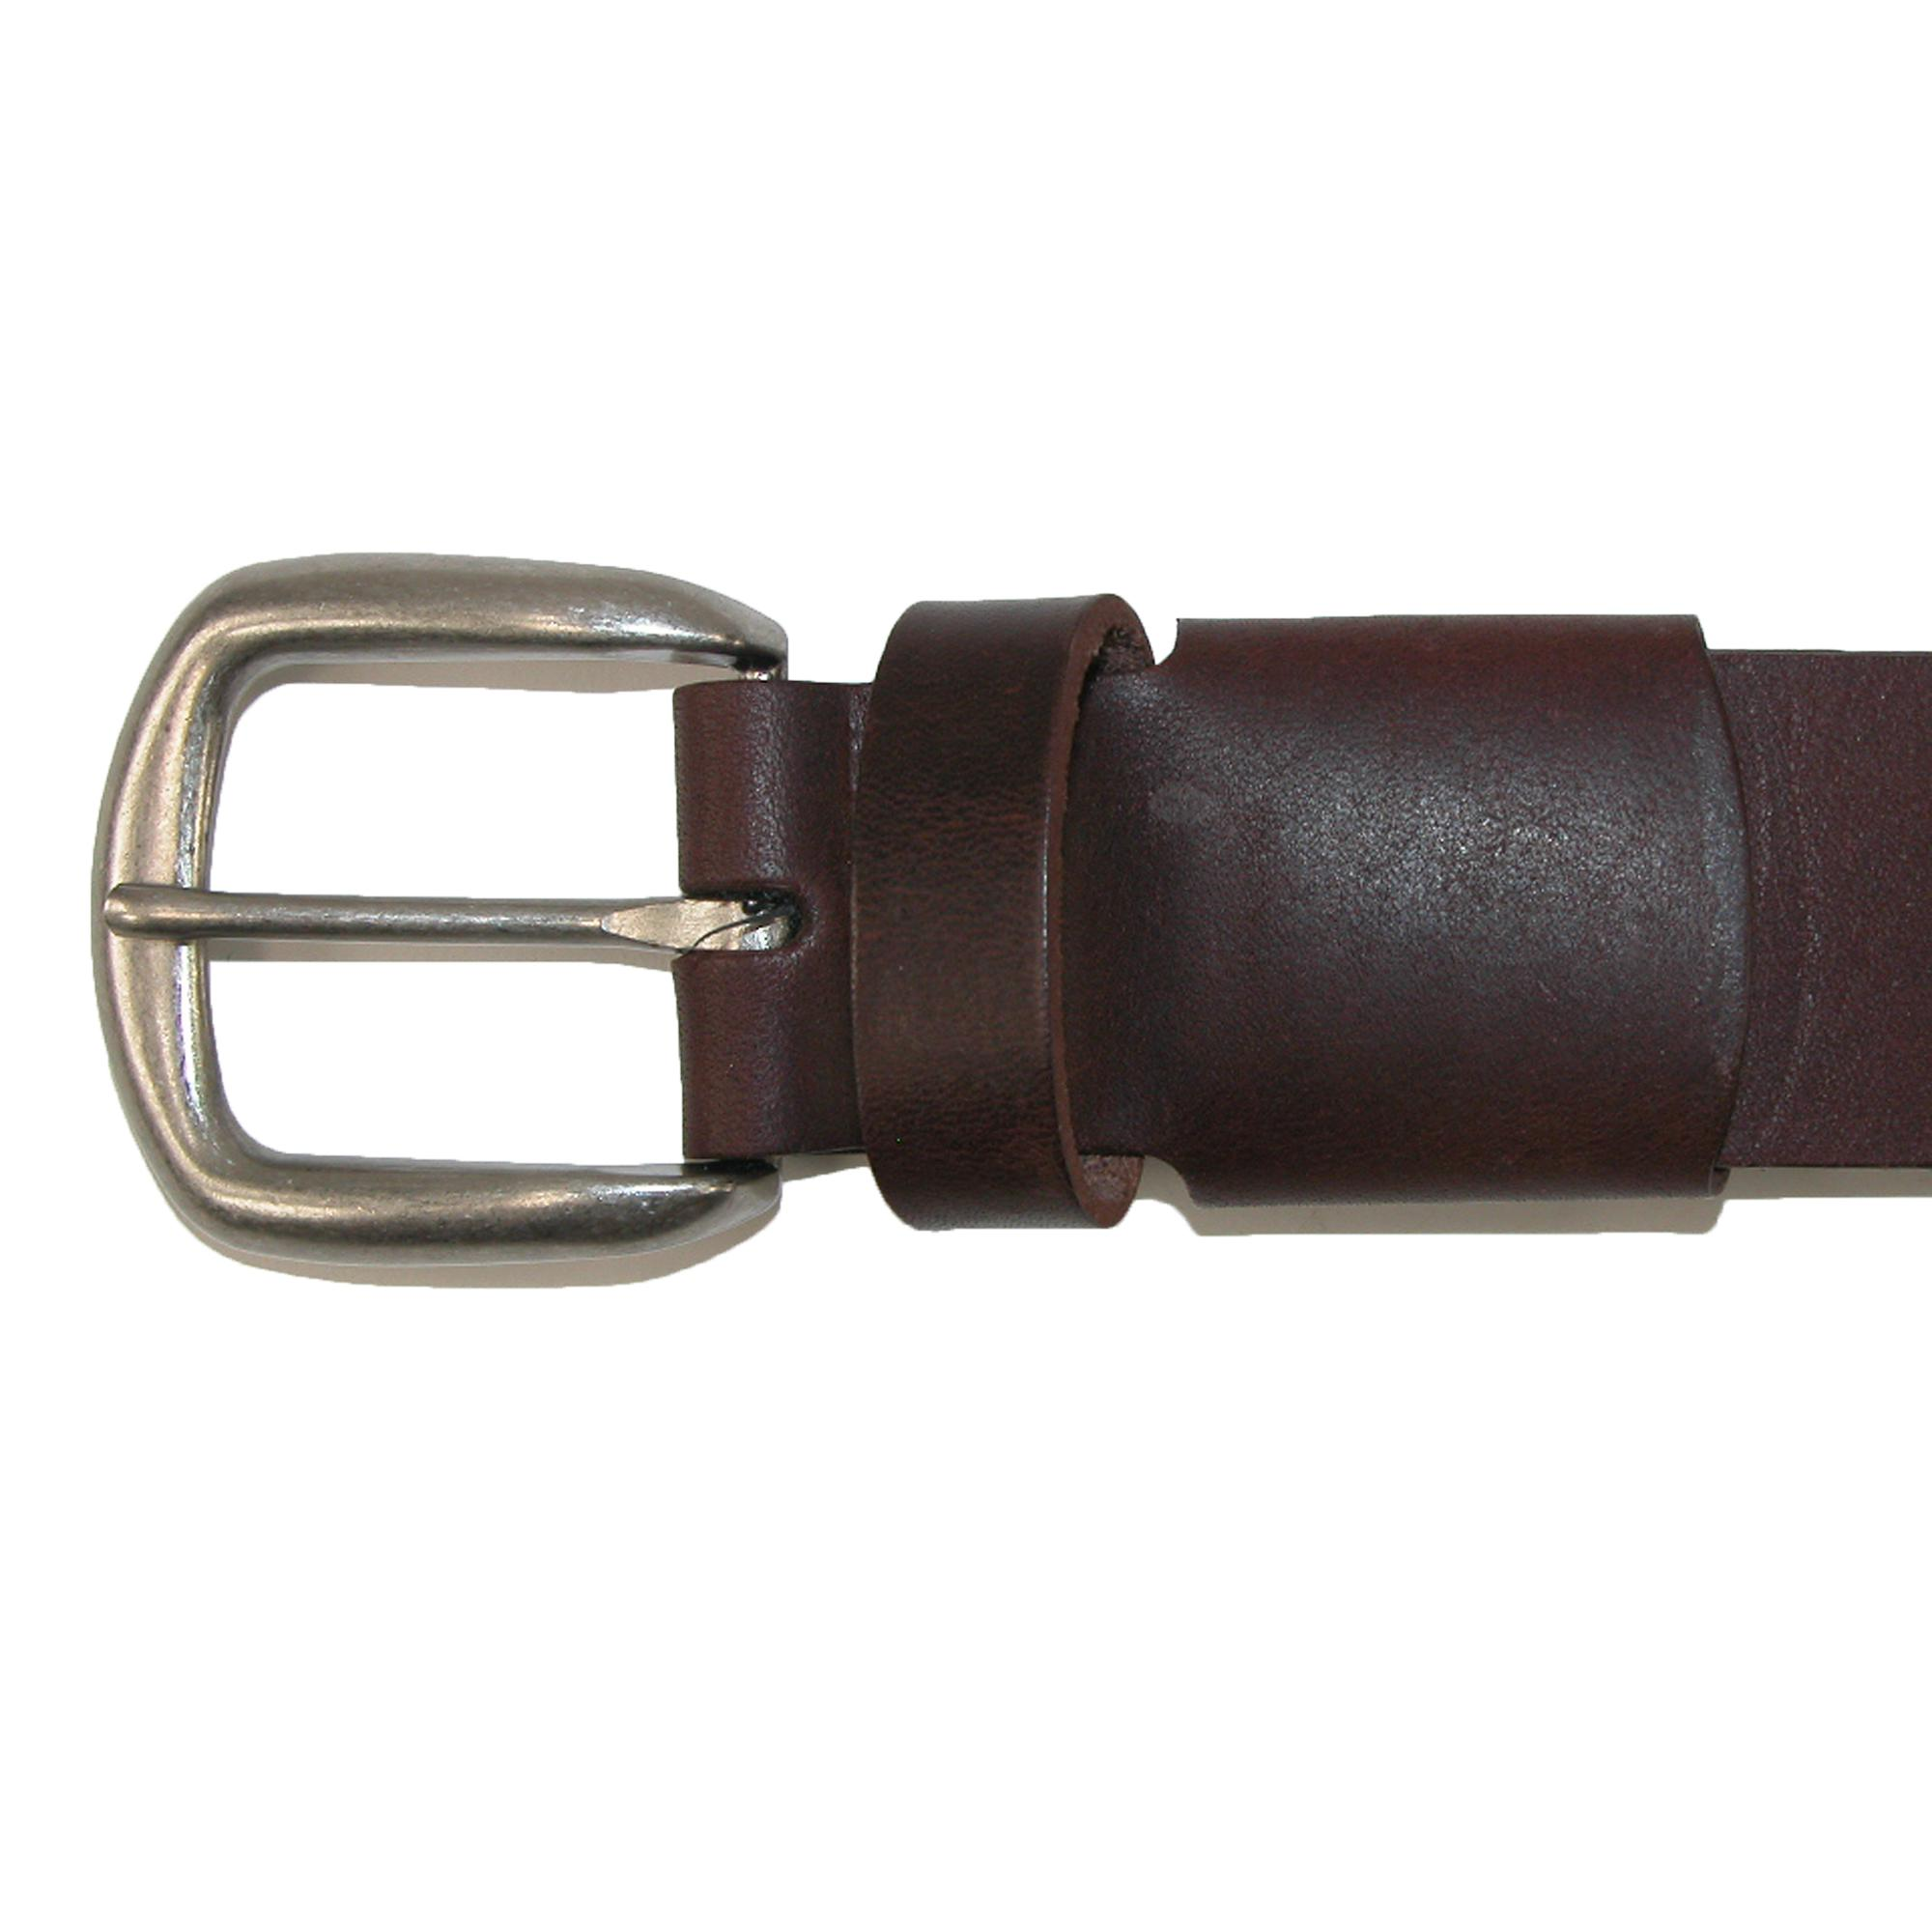 Nouveau-Boston-Leather-Men-039-s-Stretch-Cuir-Bride-Ceinture-Avec-Cache-elastique miniature 7